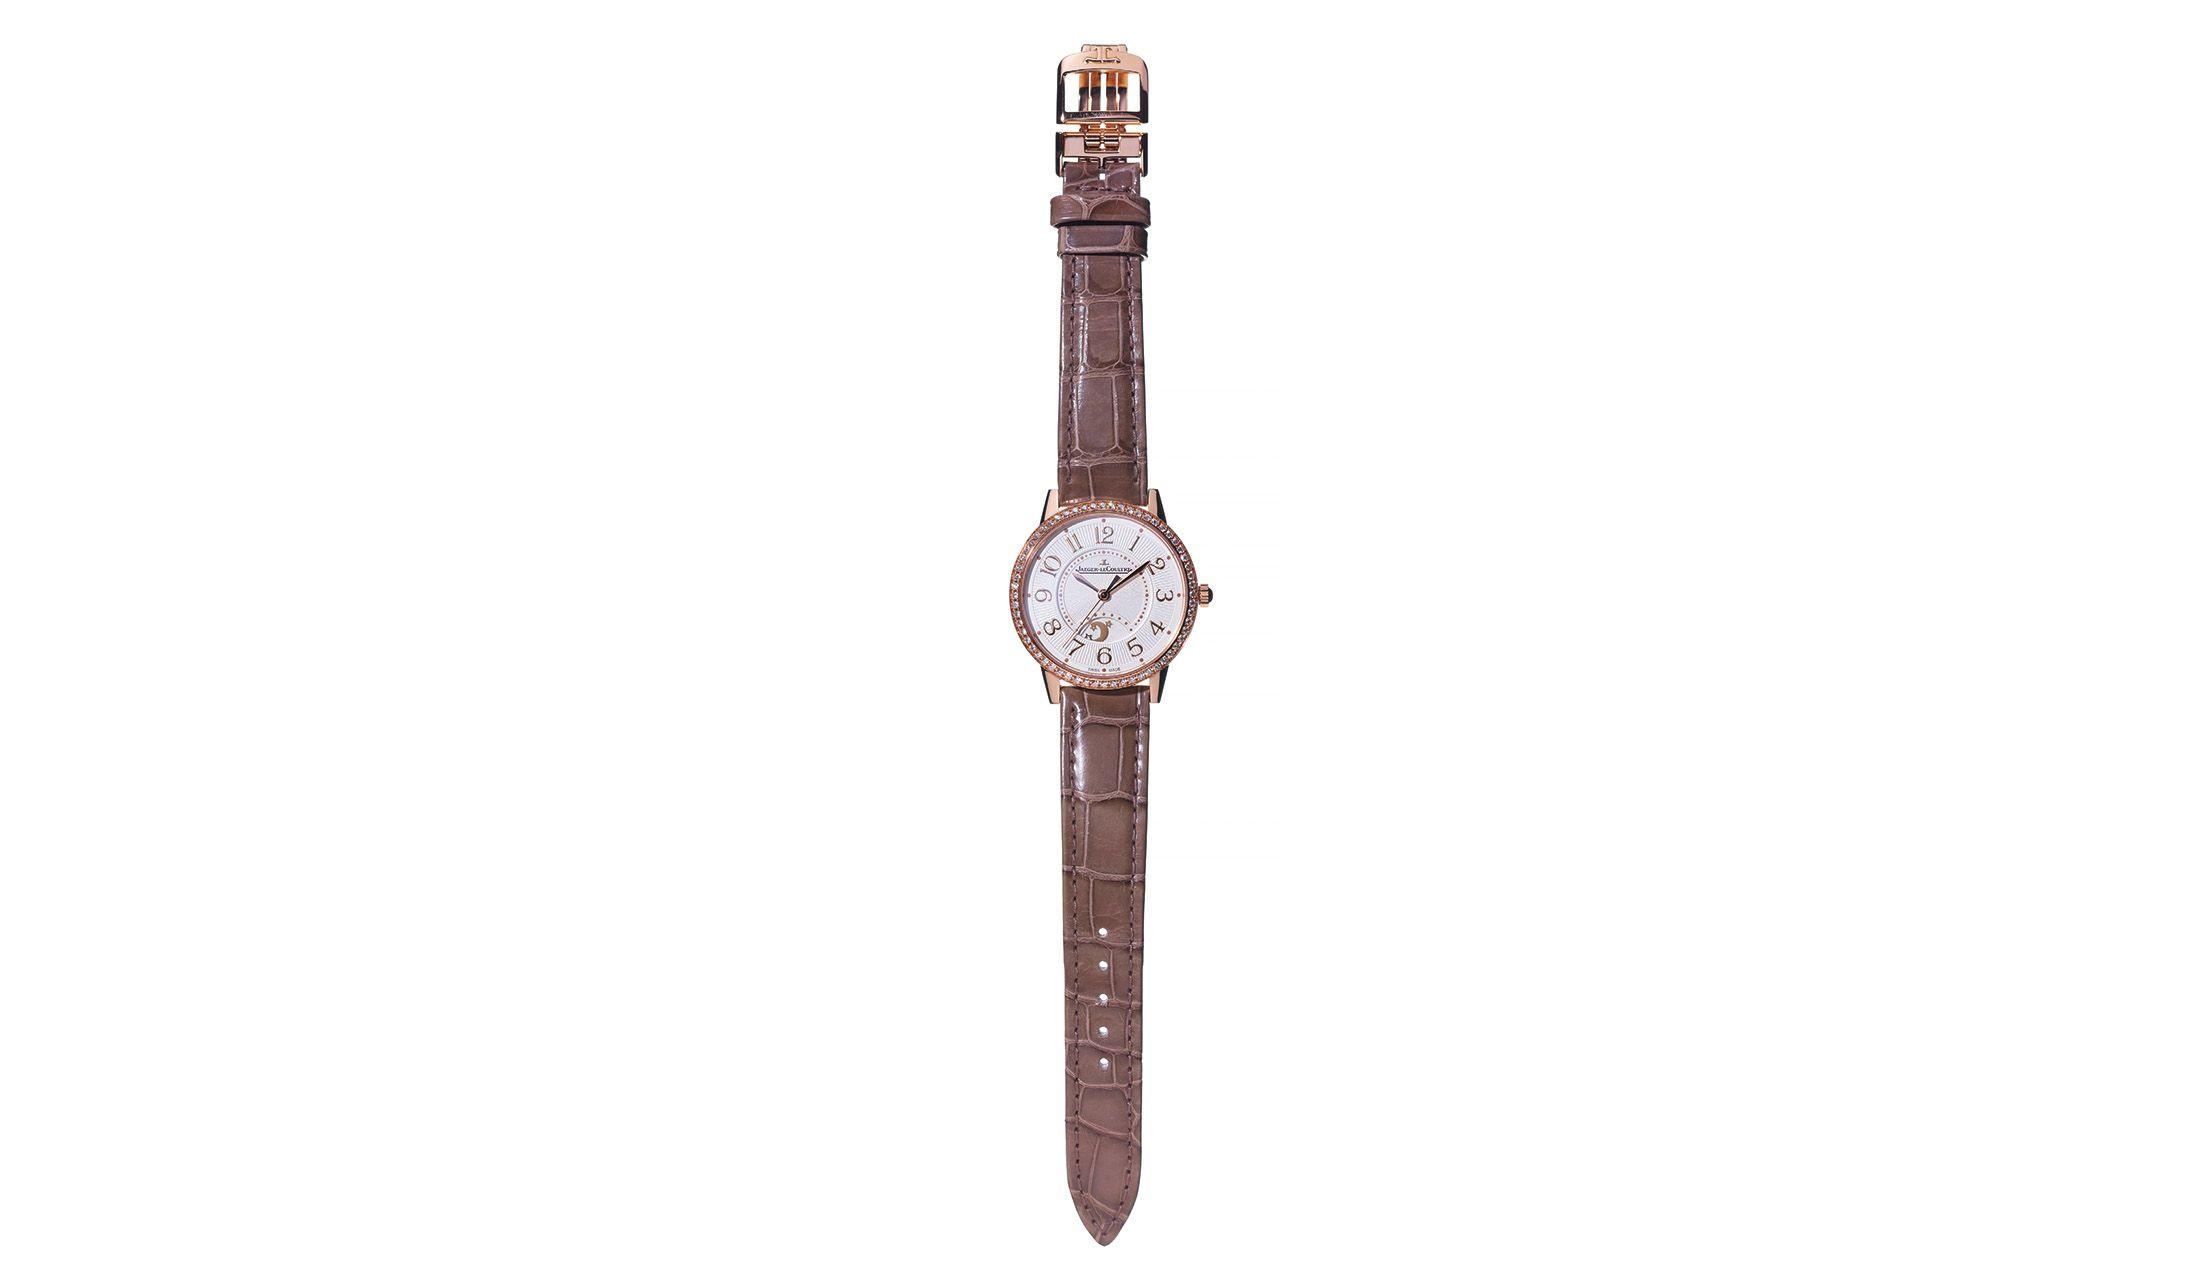 ジャガー・ルクルトのラウンド時計「ランデヴー・ナイト&デイ・ミディアム」